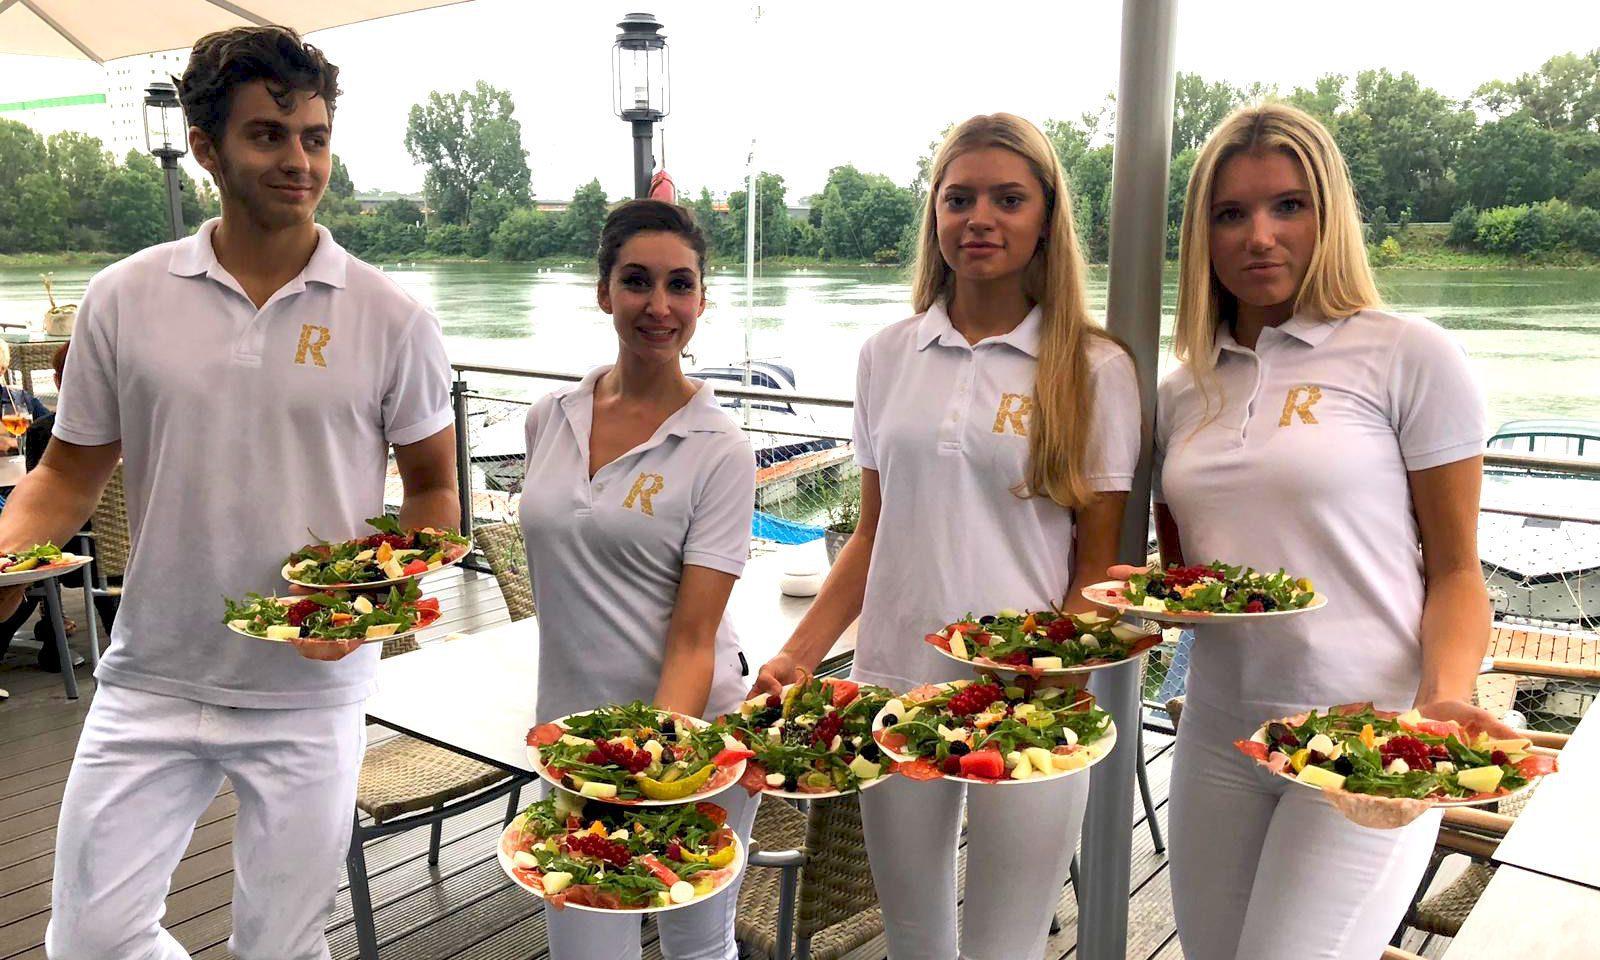 RheinLounge - Gastronomie im Schiersteiner Hafen - Veranstaltung